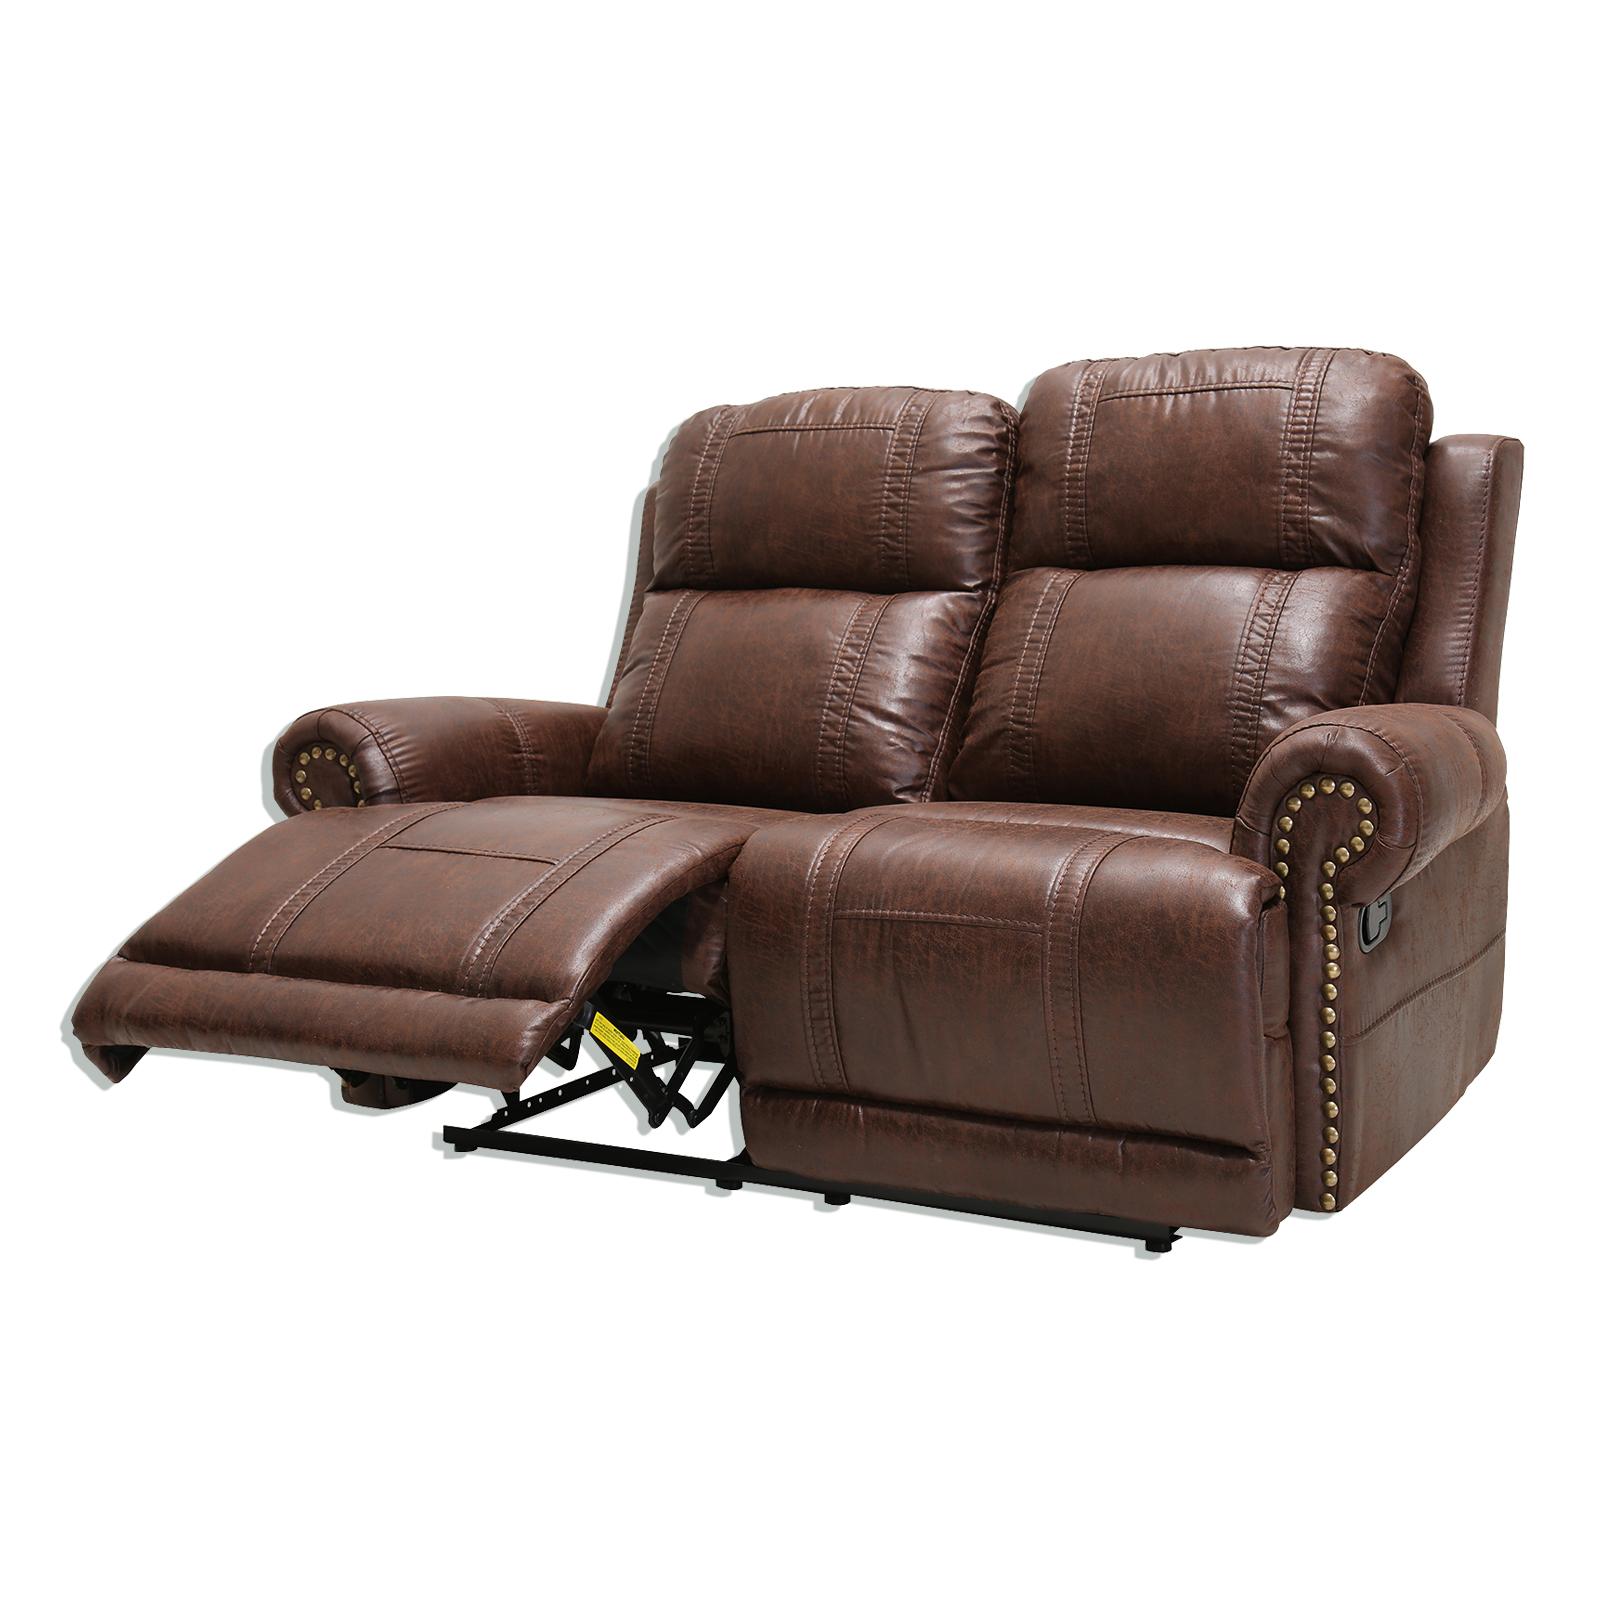 Full Size of 2 Sitzer Sofa Mit Relaxfunktion Elektrischer 2 Sitzer City Gebraucht 5 Leder Couch Stoff Elektrisch Stressless Integrierter Tischablage Und Stauraumfach Sofa 2 Sitzer Sofa Mit Relaxfunktion